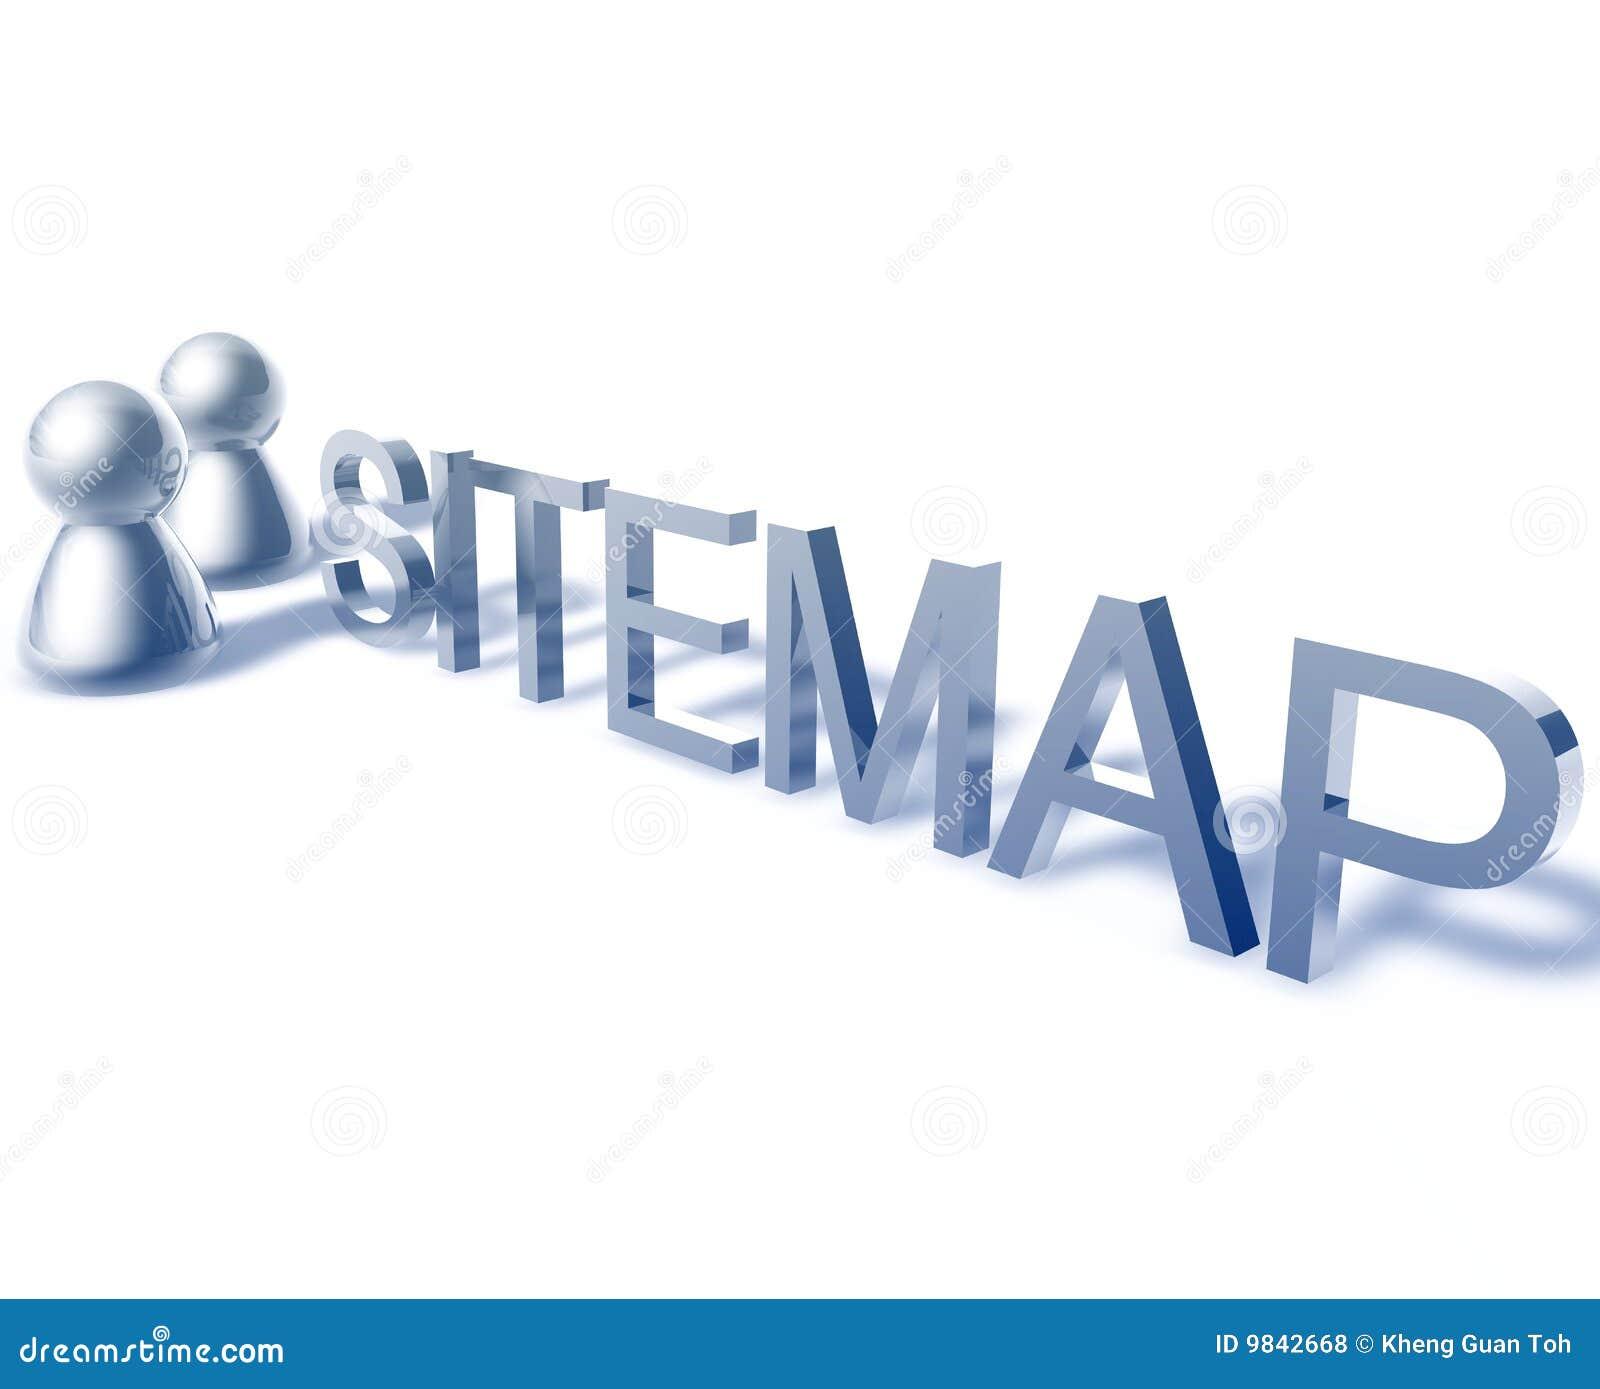 Sitemap graficzny słowo